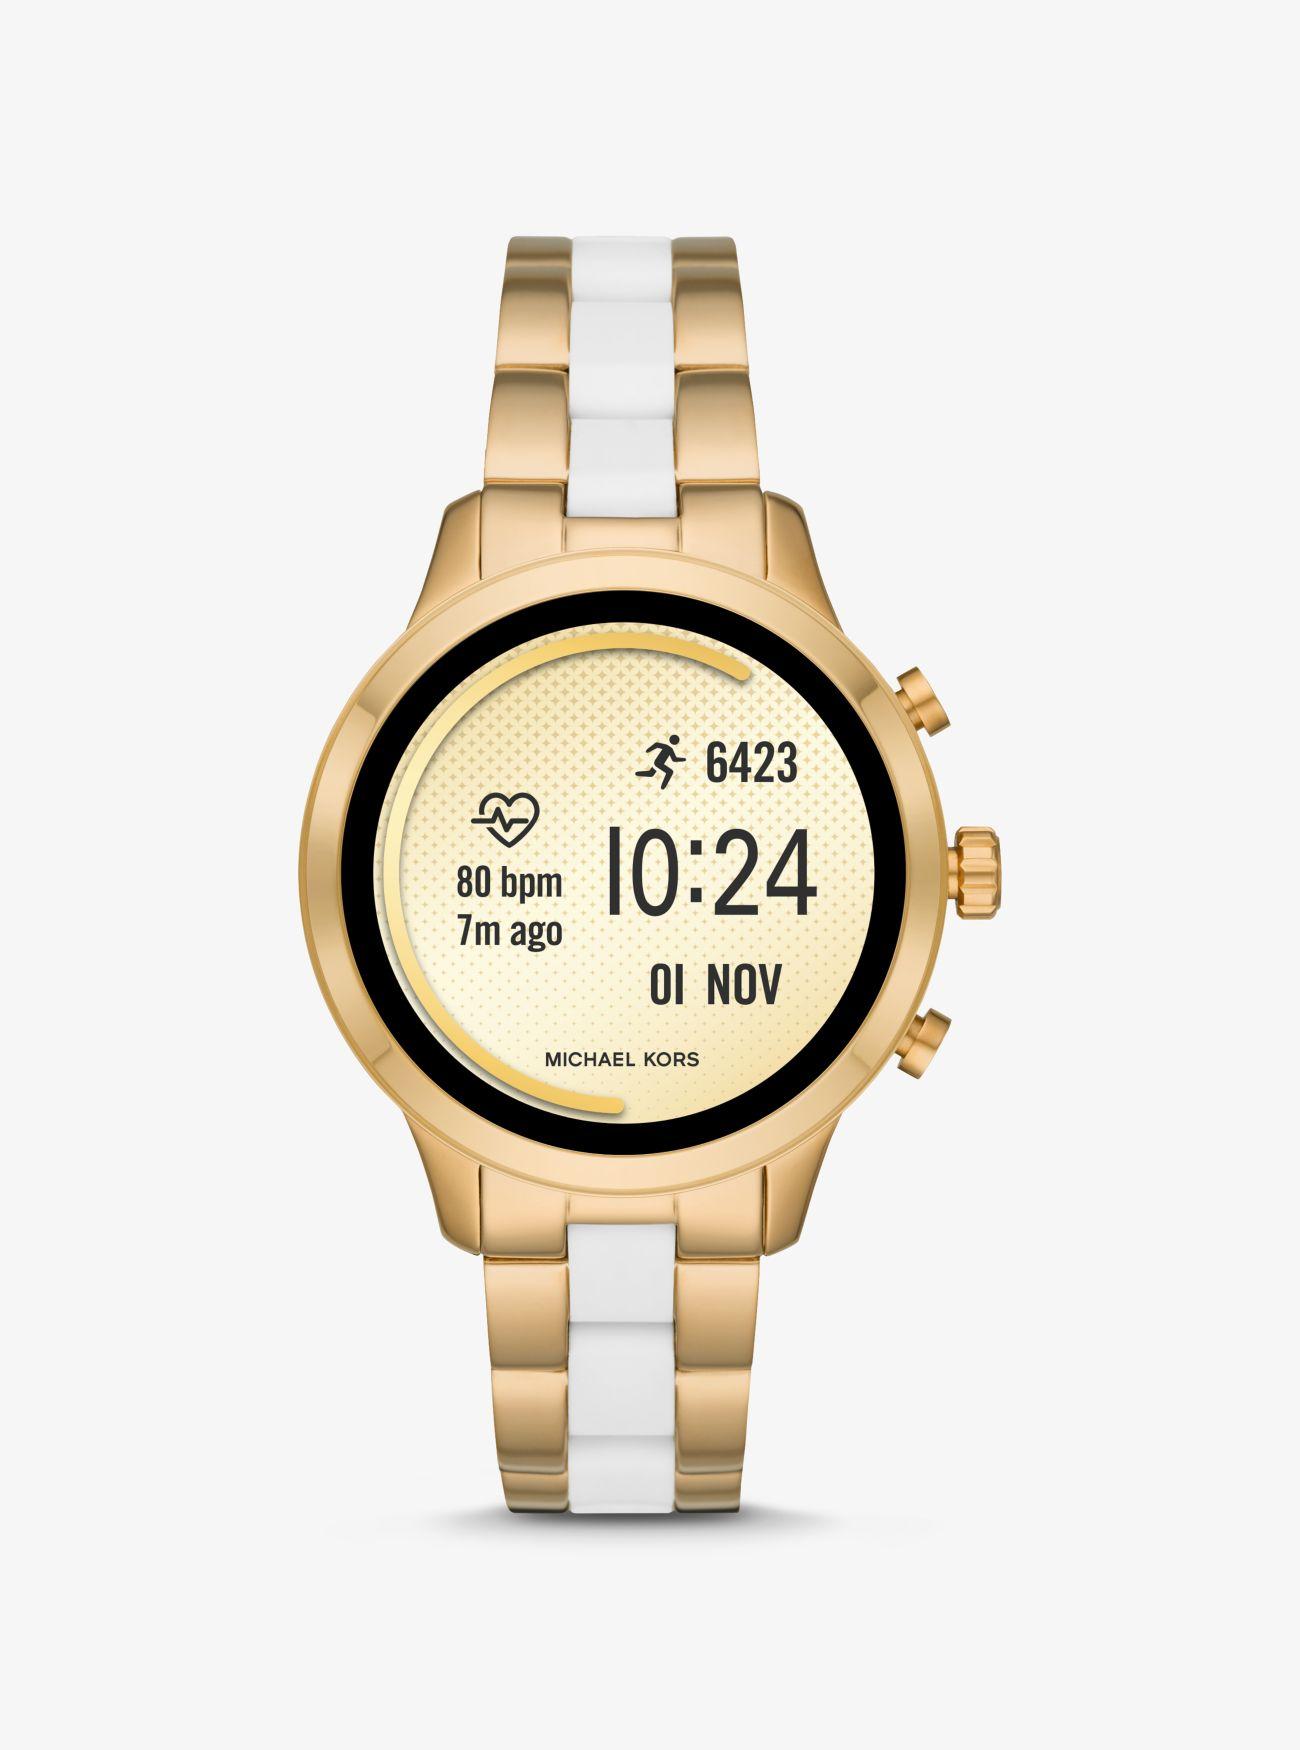 780e2f80ac58 ... Reloj inteligente Runway Heart Rate en tono dorado de silicona. Michael  Kors Access